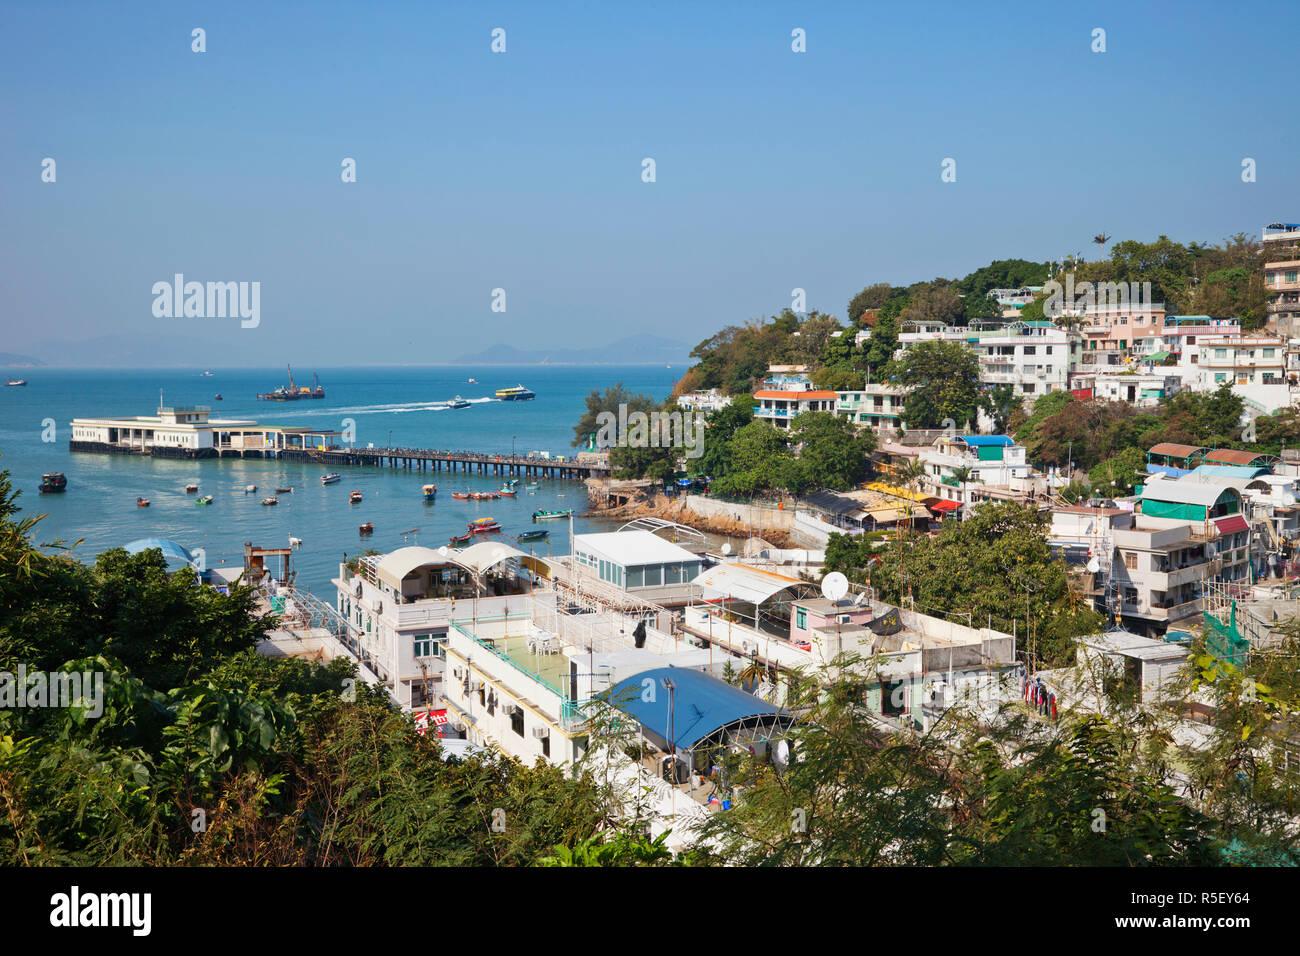 China, Hong Kong, Lamma Island, Yung Shue Wan - Stock Image